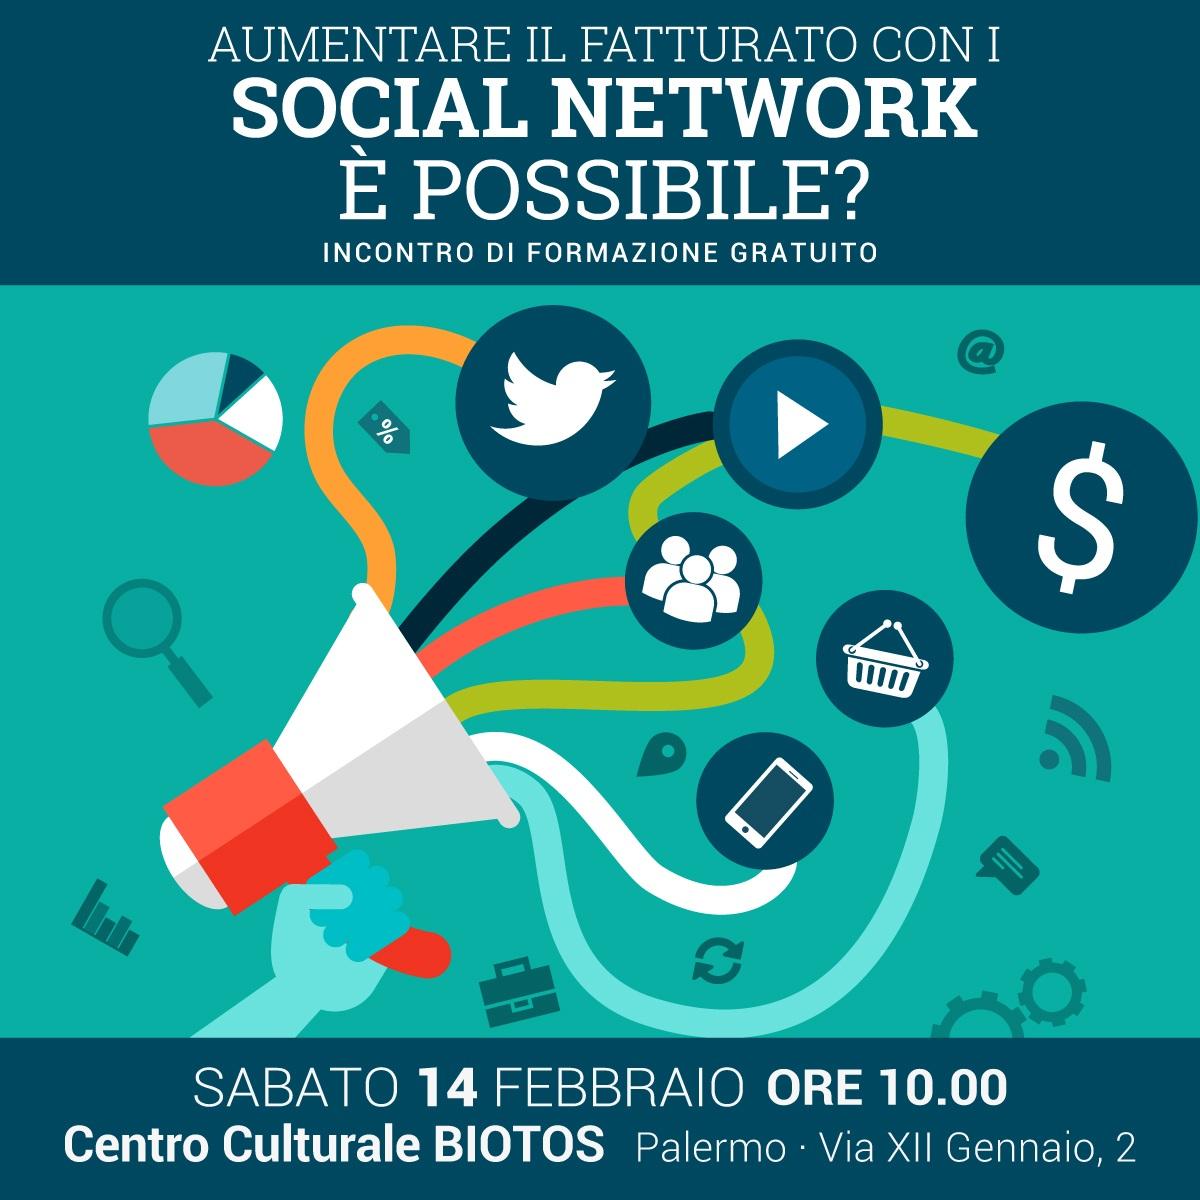 aumentare-fatturato-social-network